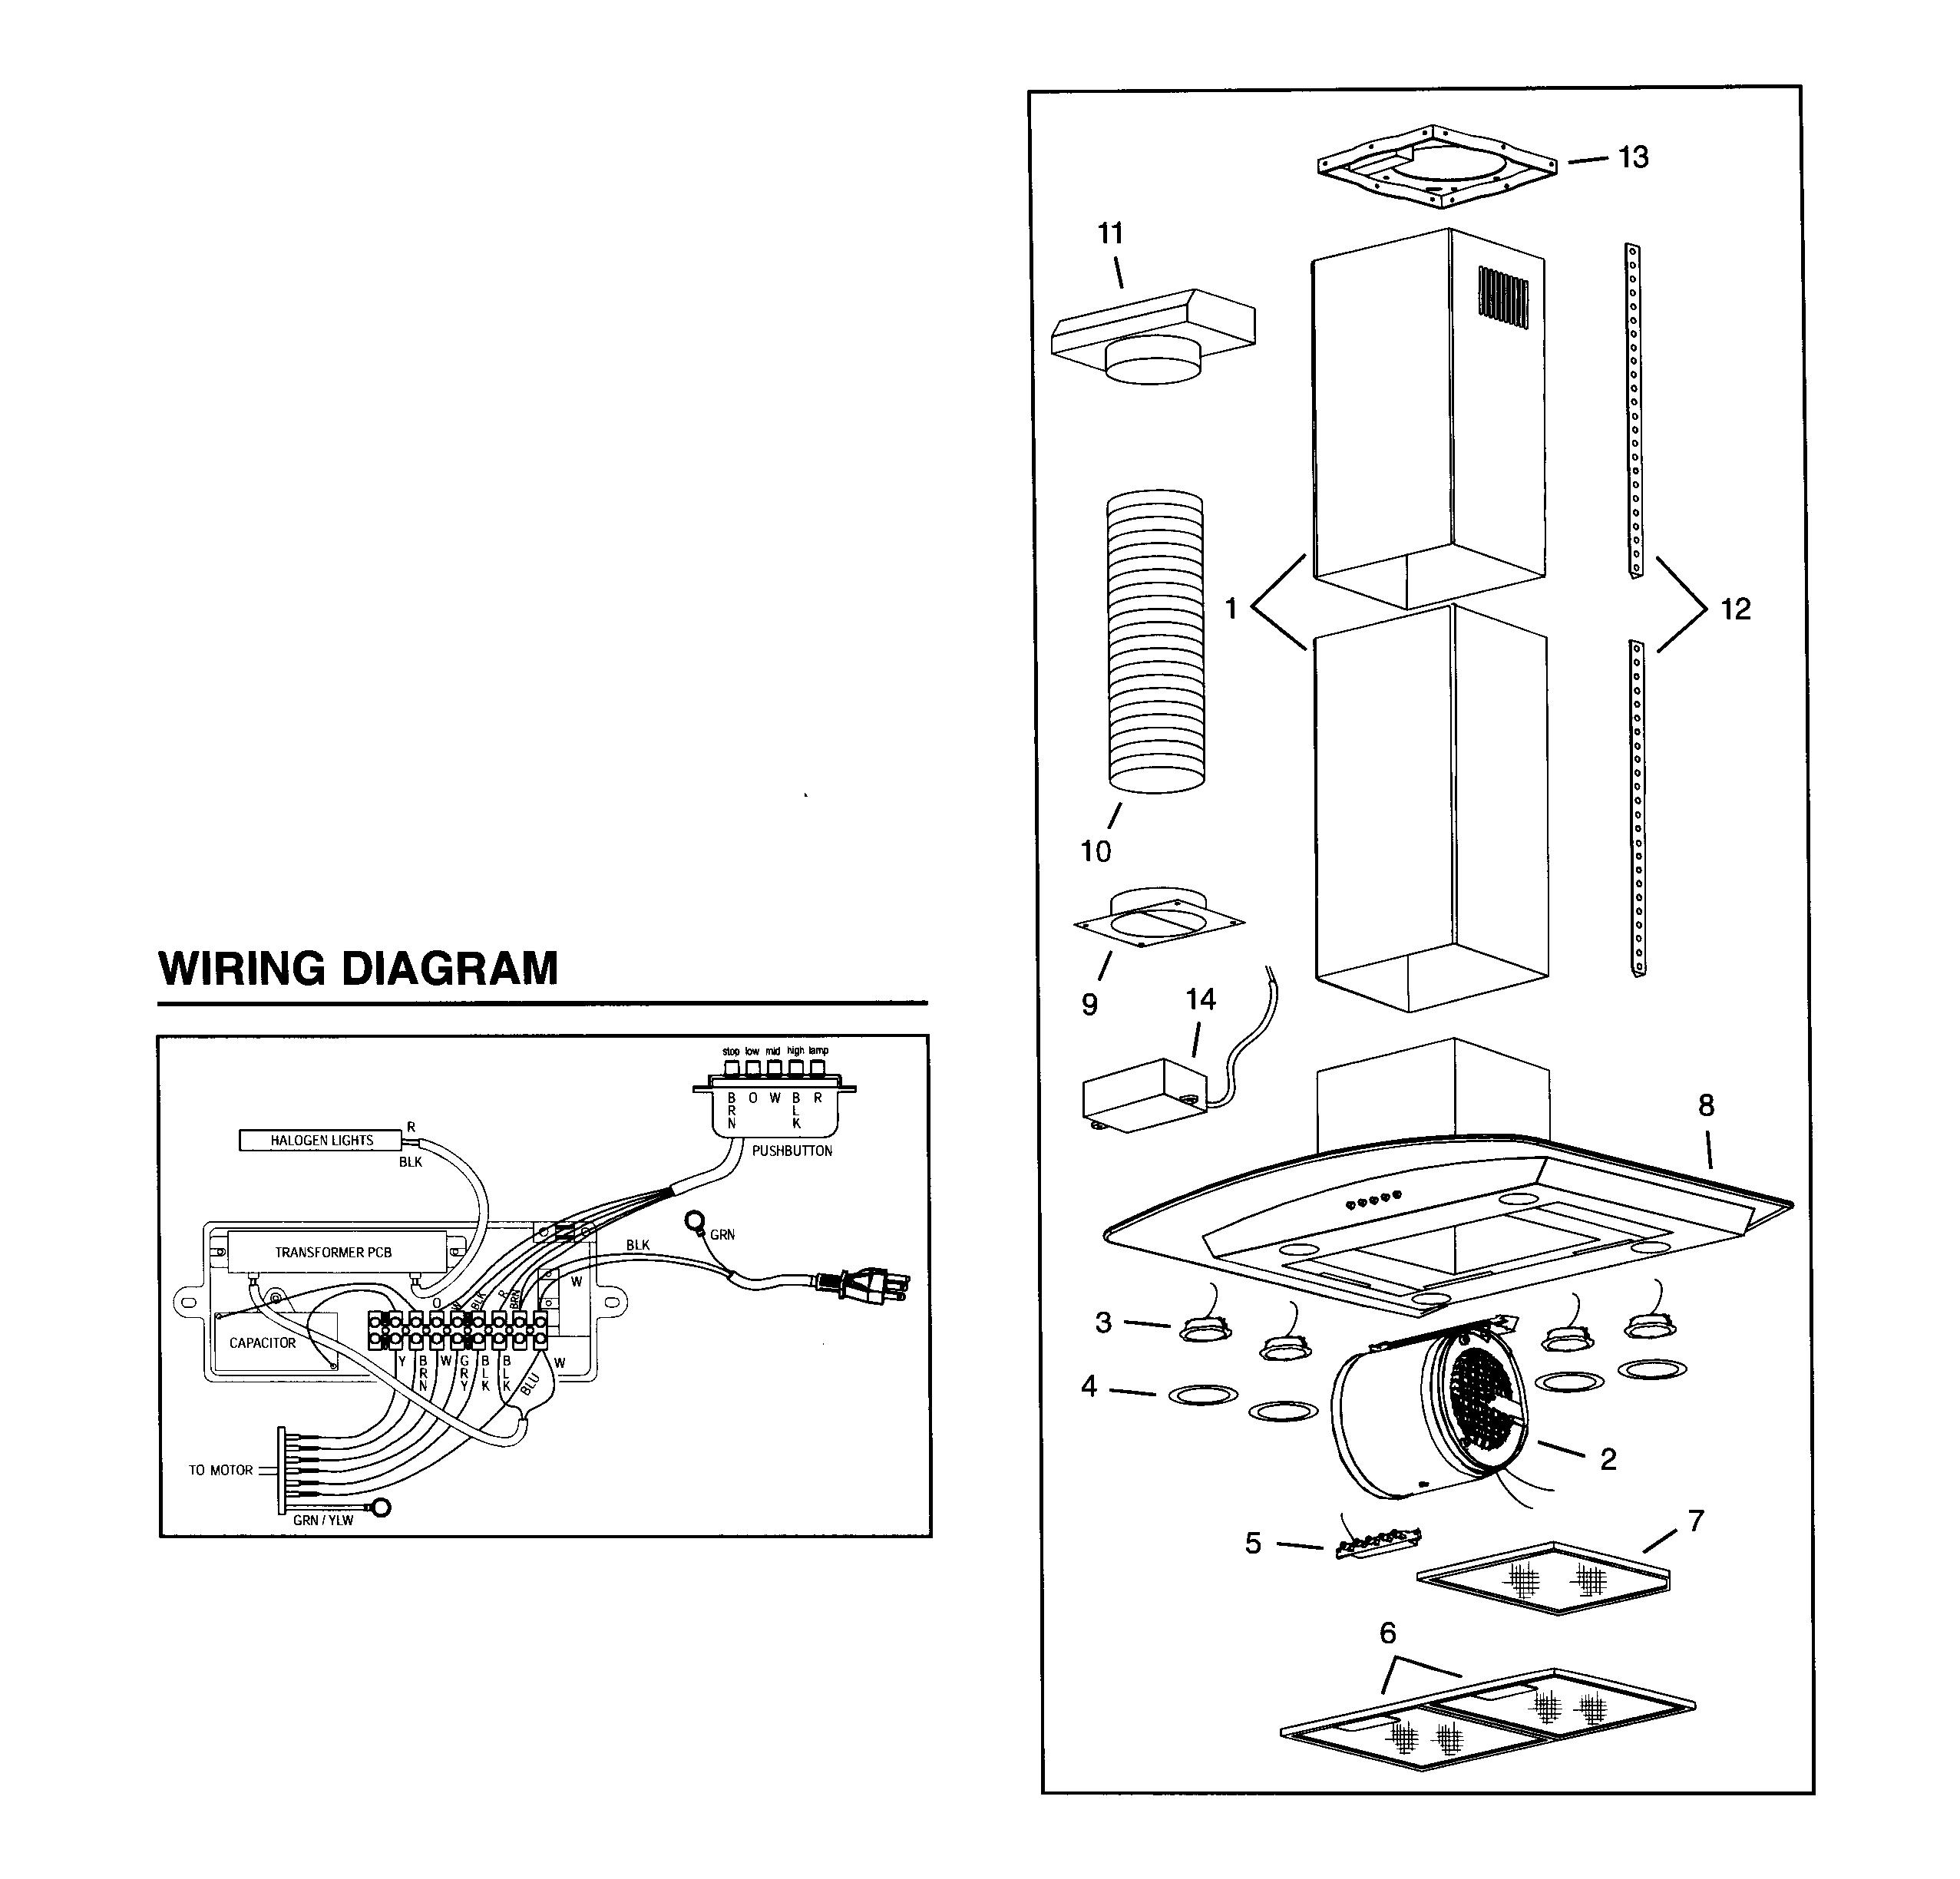 akdy range hood wiring diagram oven wiring diagram wiring